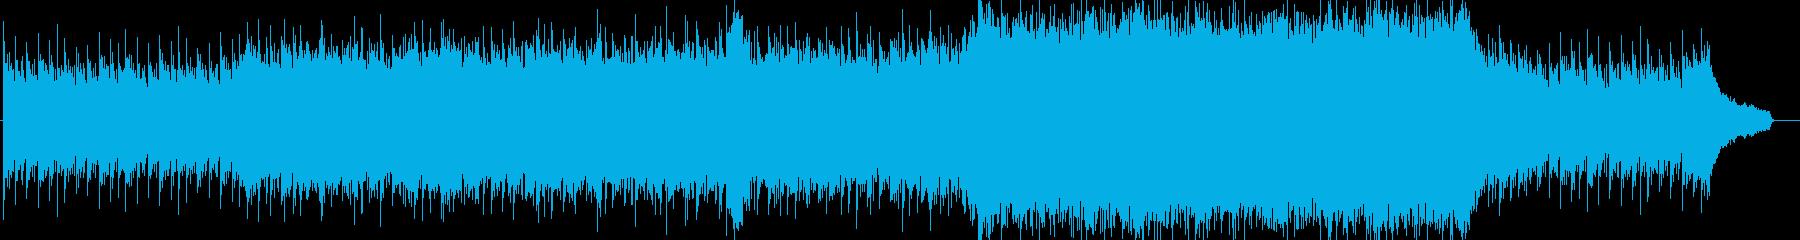 企業VPや映像53、爽快、オーケストラbの再生済みの波形